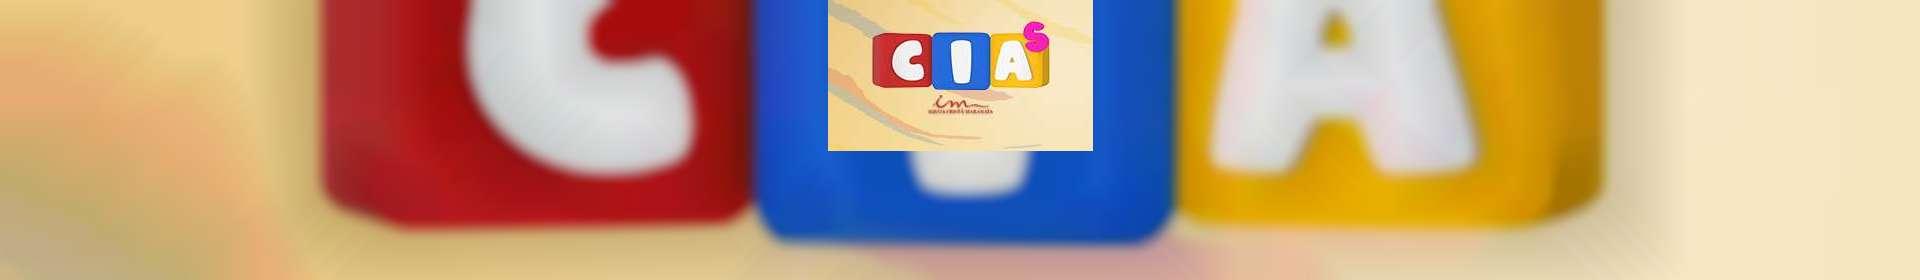 Aula de CIAS: classe de 3 a 7 anos - 26 de março de 2020